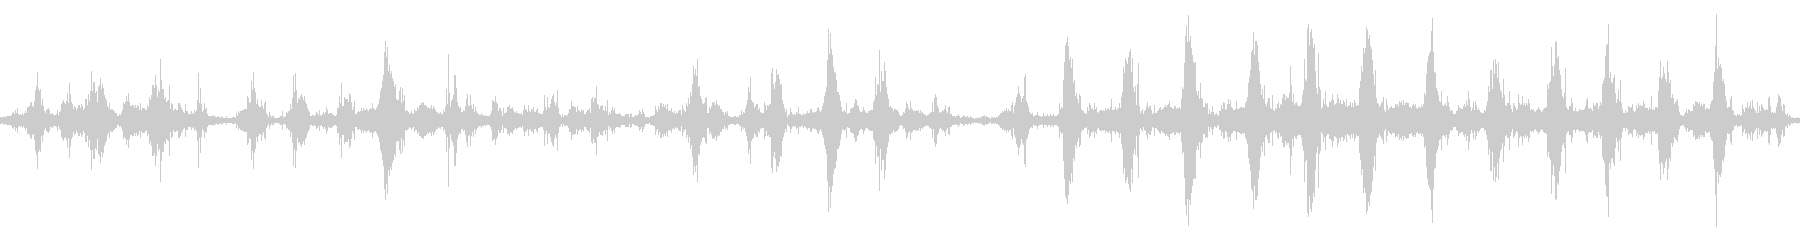 【四国最東端】蒲生田岬の波音03 ループの未再生の波形